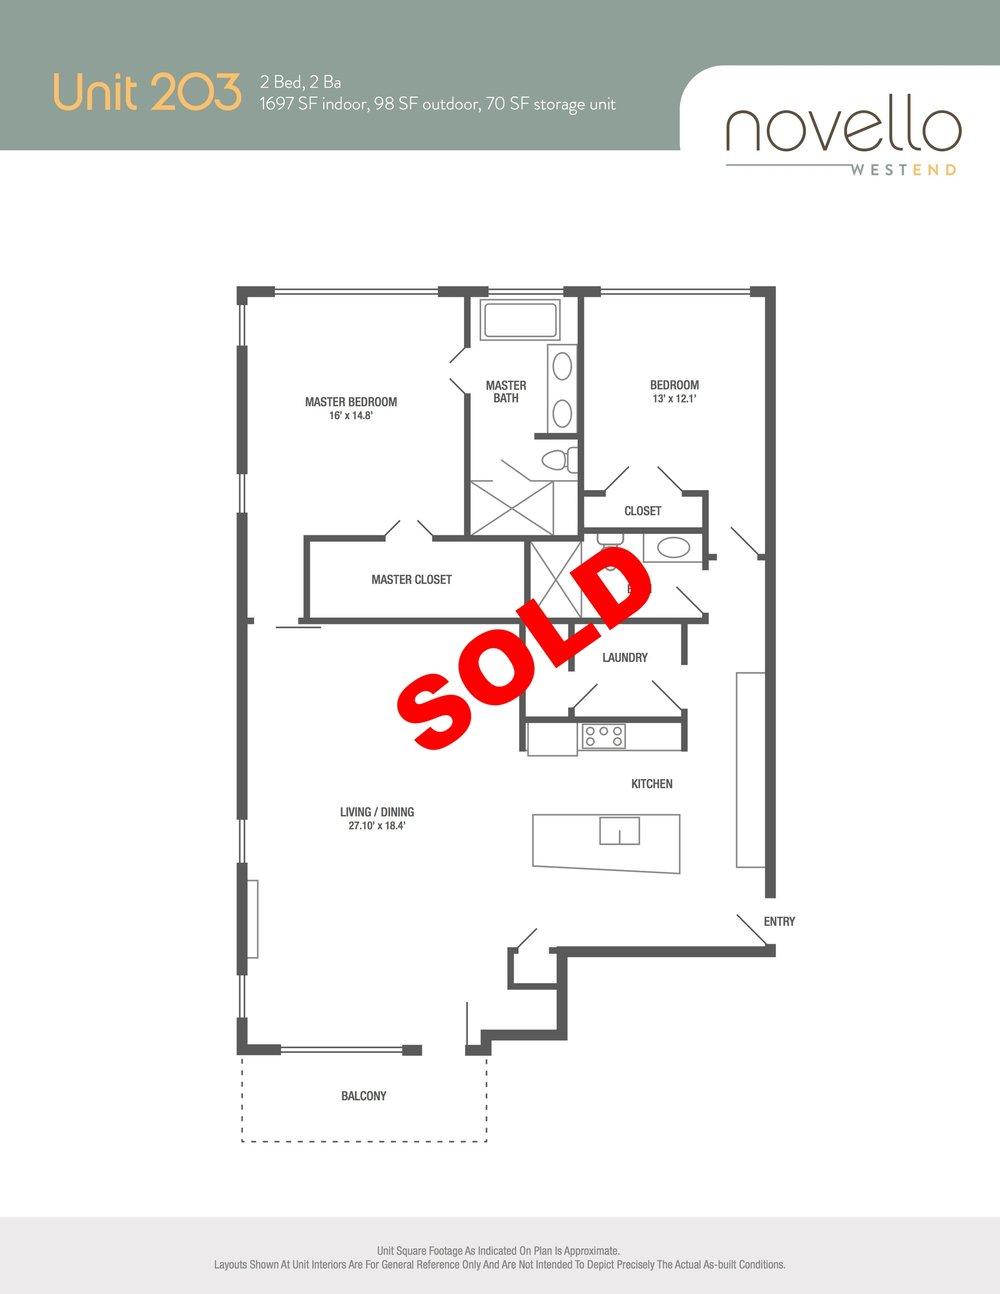 Novello Floor Plans - 203.jpg